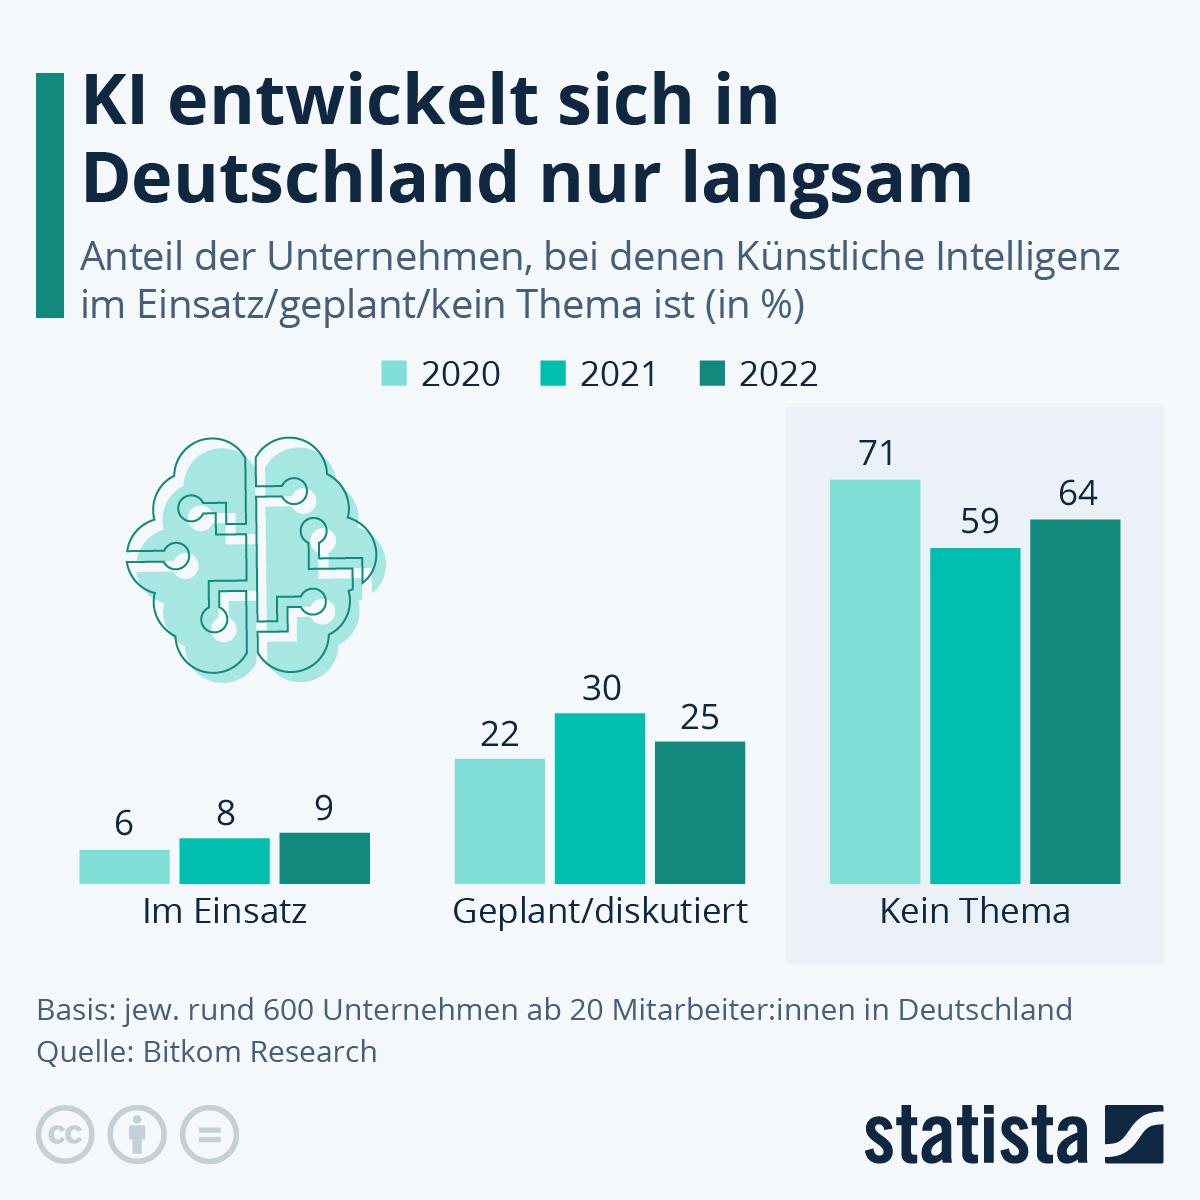 Infografik: Deutsche Unternehmen tun sich schwer mit KI | Statista